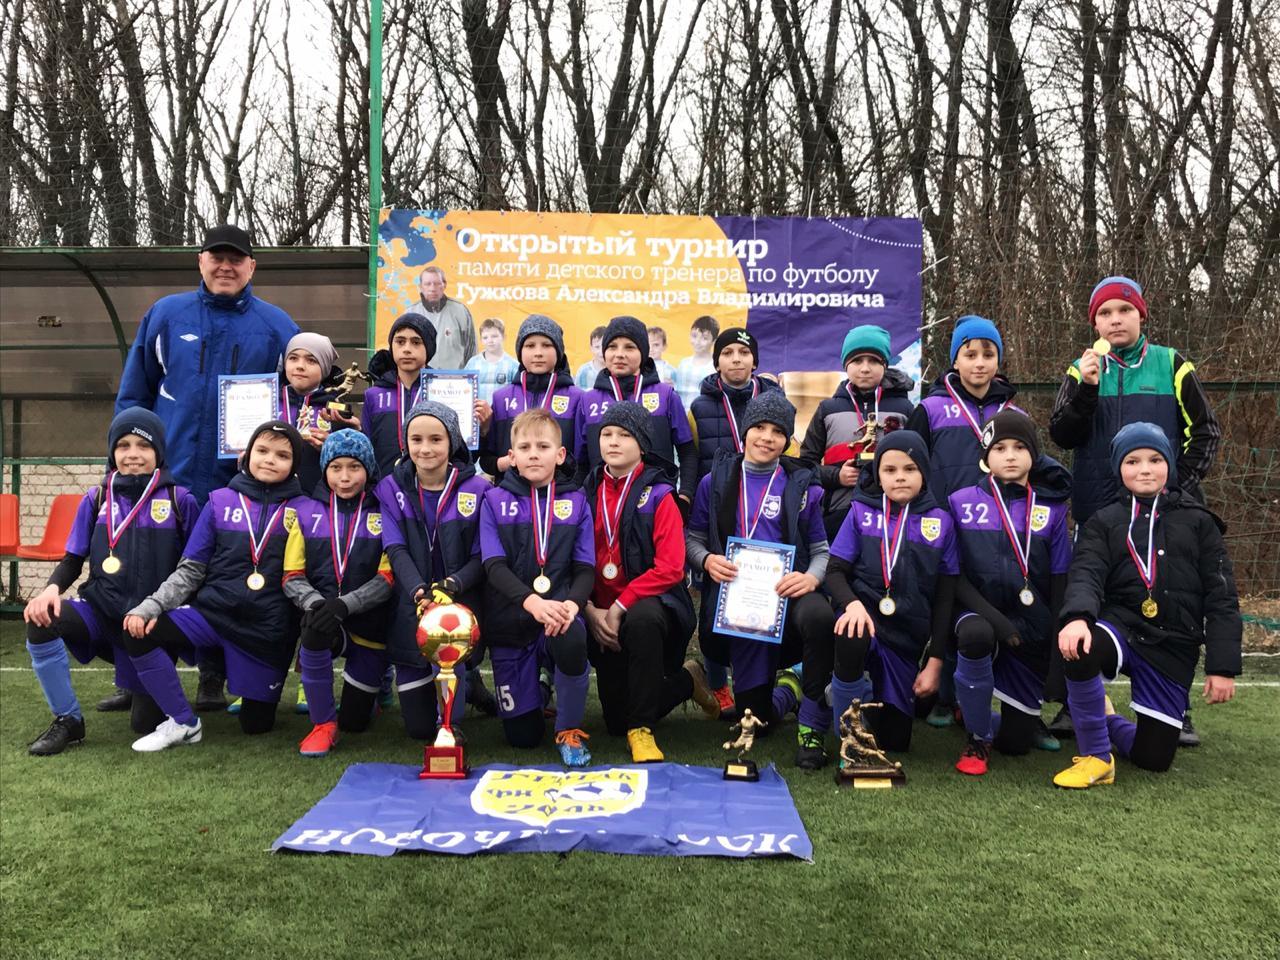 Областной турнир по футболу памяти тренера Александра Гужкова прошёл в казачьей столице